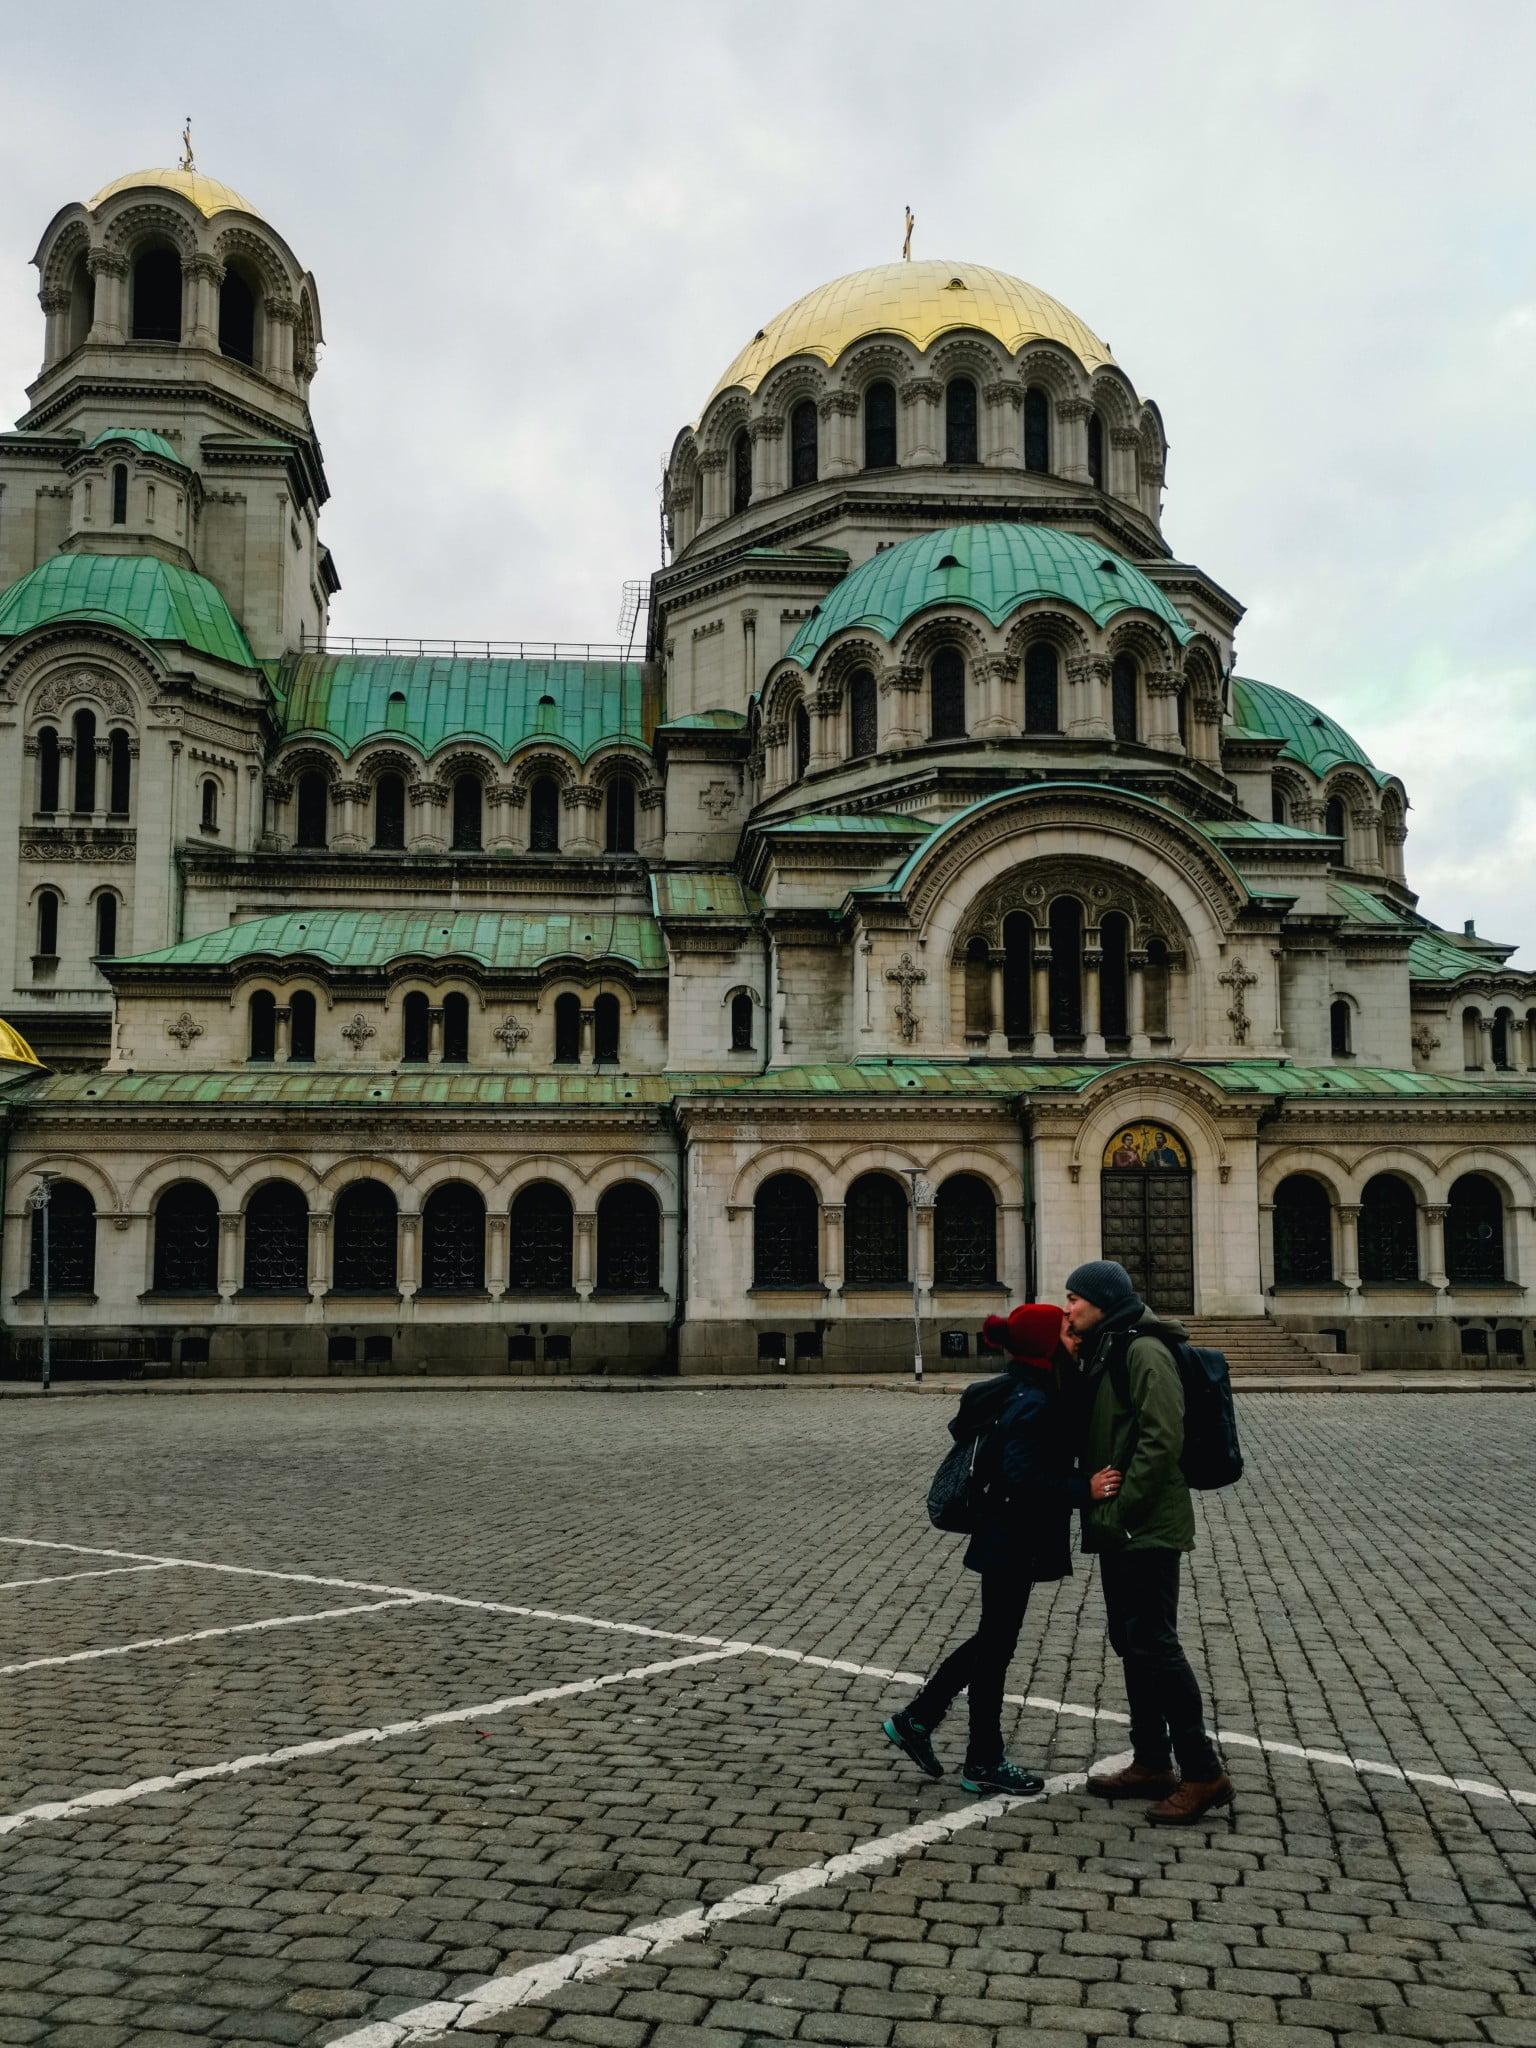 Καθεδρικός Ναός του Αγίου Αλεξάνδρου Νιέφσκι Σόφια